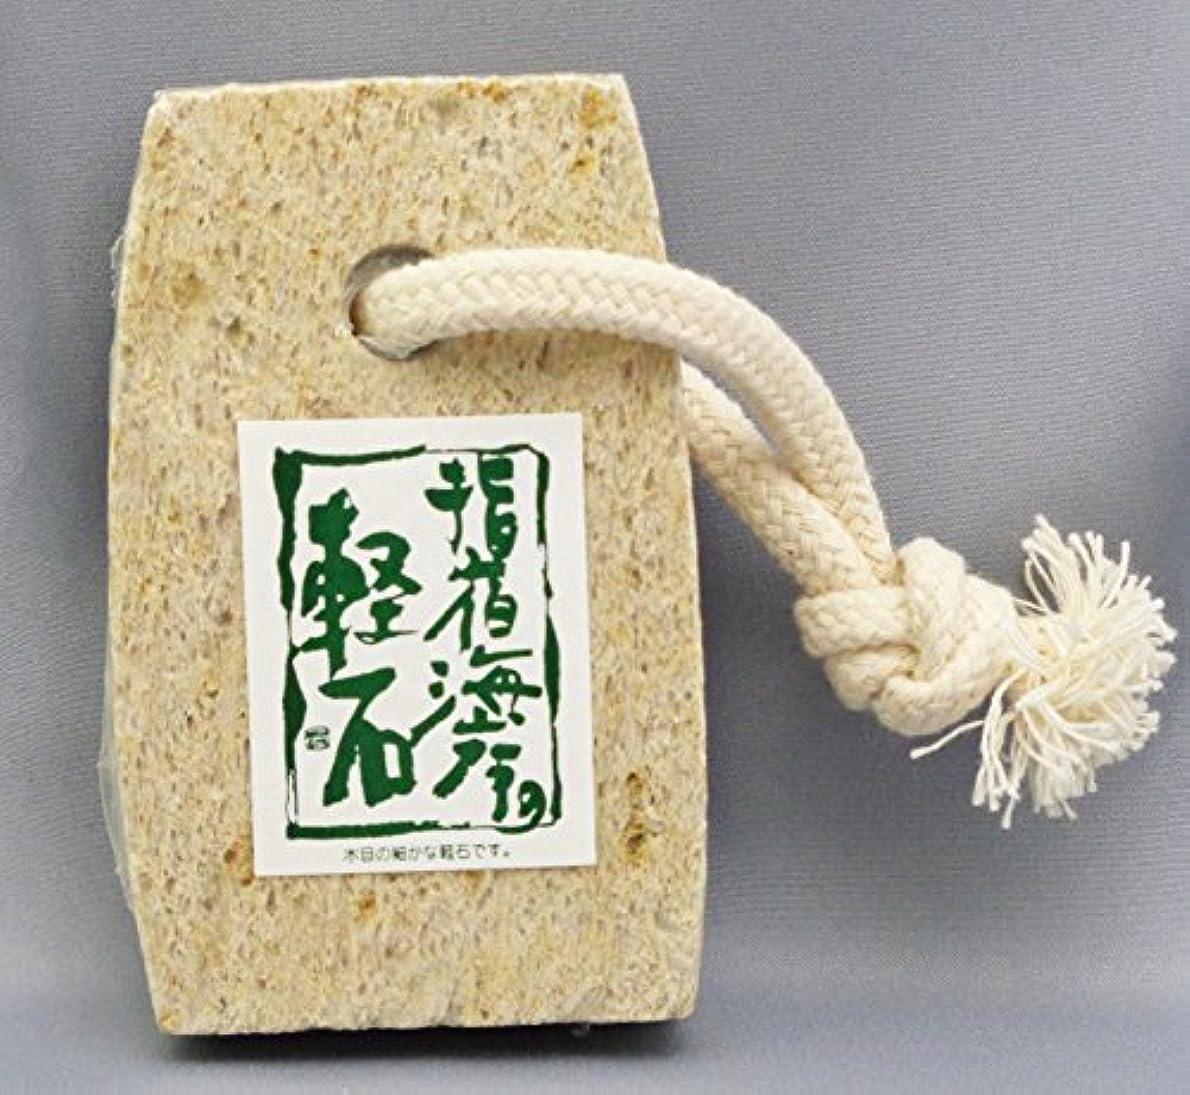 解放延期するシソーラスシオザキ No.3 中判軽石 (ヒモ付き)指宿の軽石